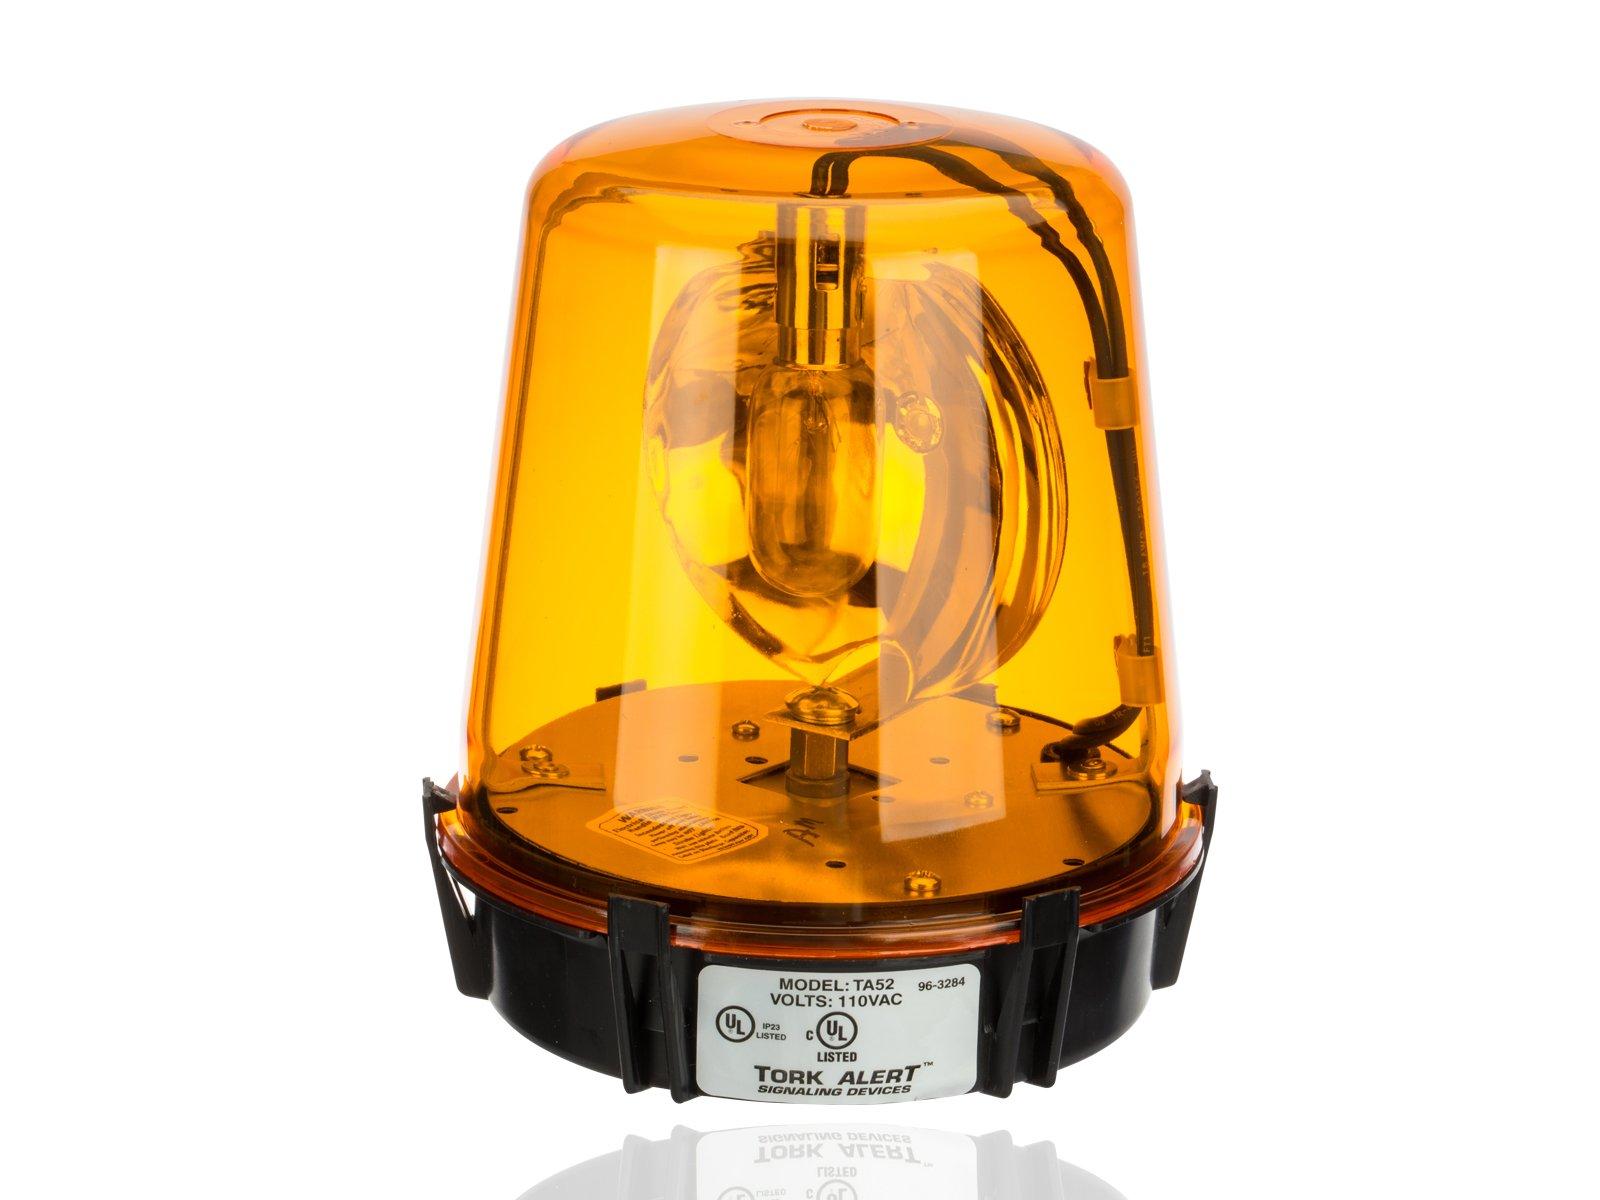 Compact Rotating Beacon, Warning Light, 117VAC, Amber